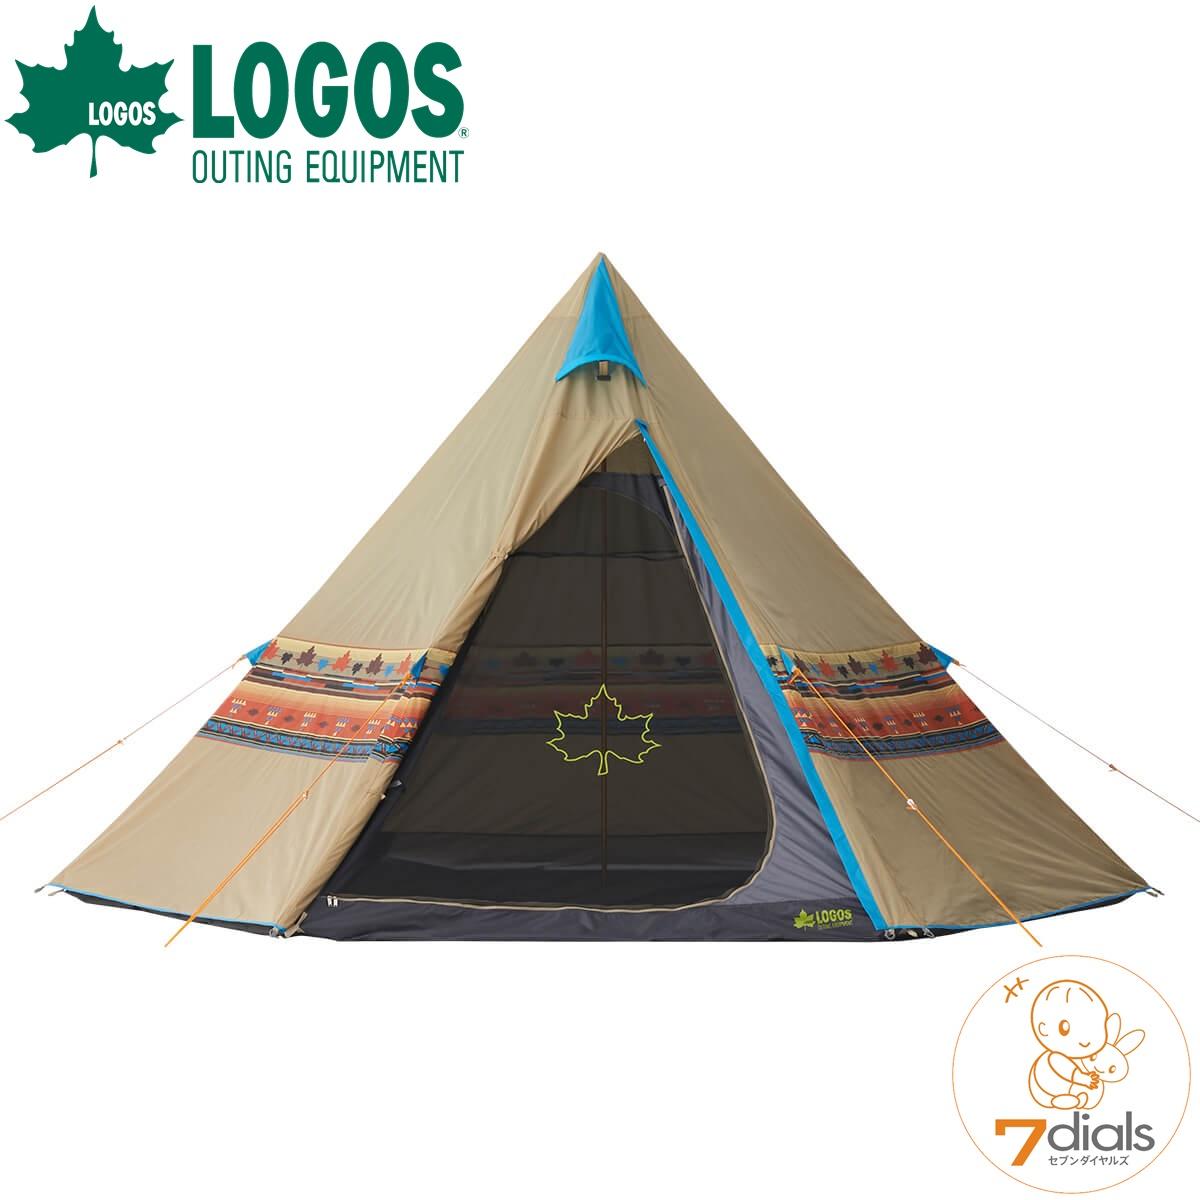 LOGOS/ロゴス LOGOS ナバホティピー400 ティピーテントTepee 400 形と柄がおしゃれで目立つテント キャンプにフェスに人気アイテム【あす楽_土曜営業】【送料無料】